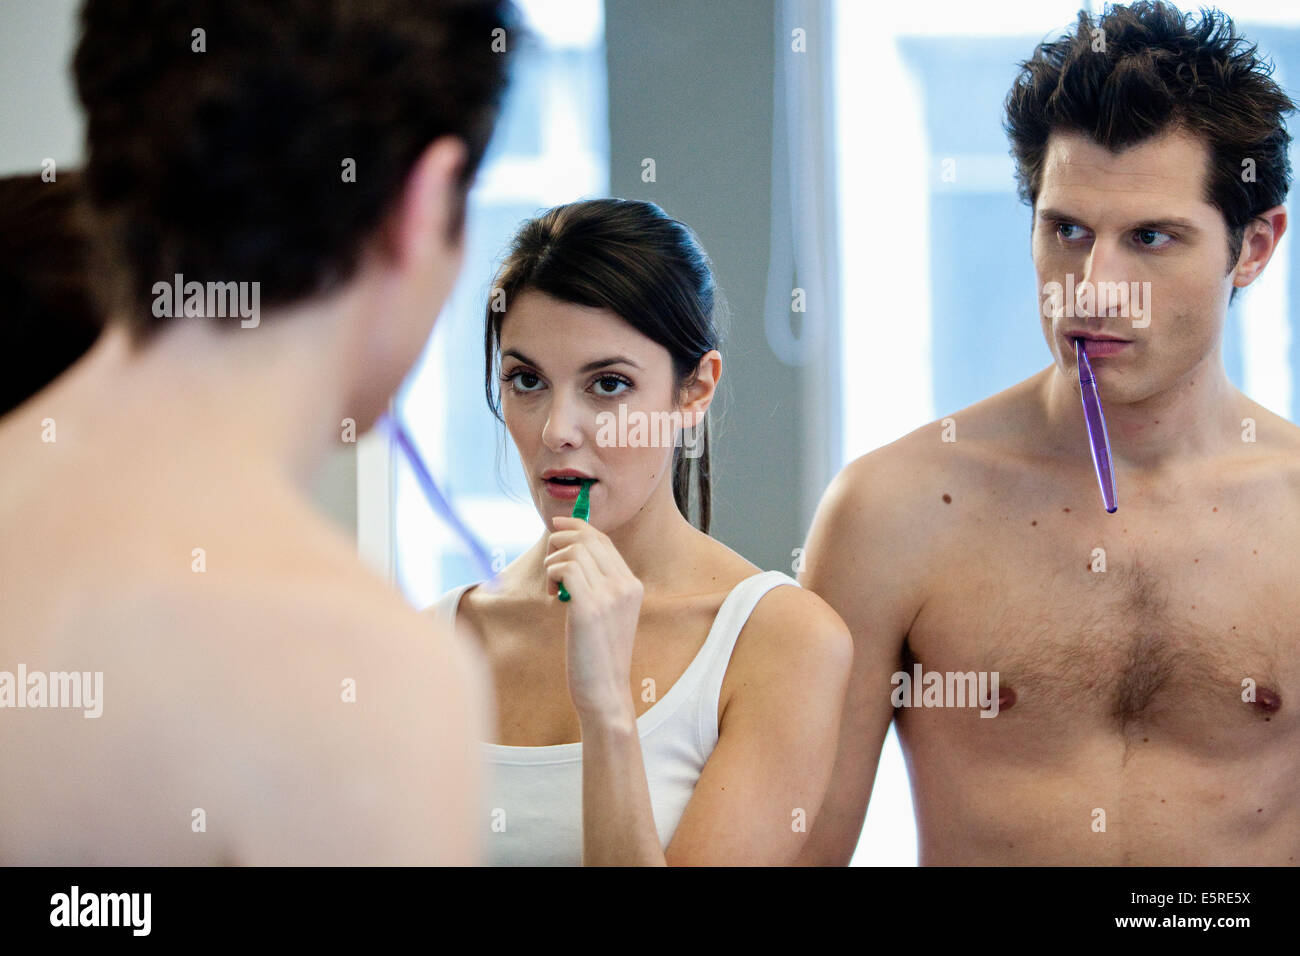 Paar, sich die Zähne putzen. Stockbild